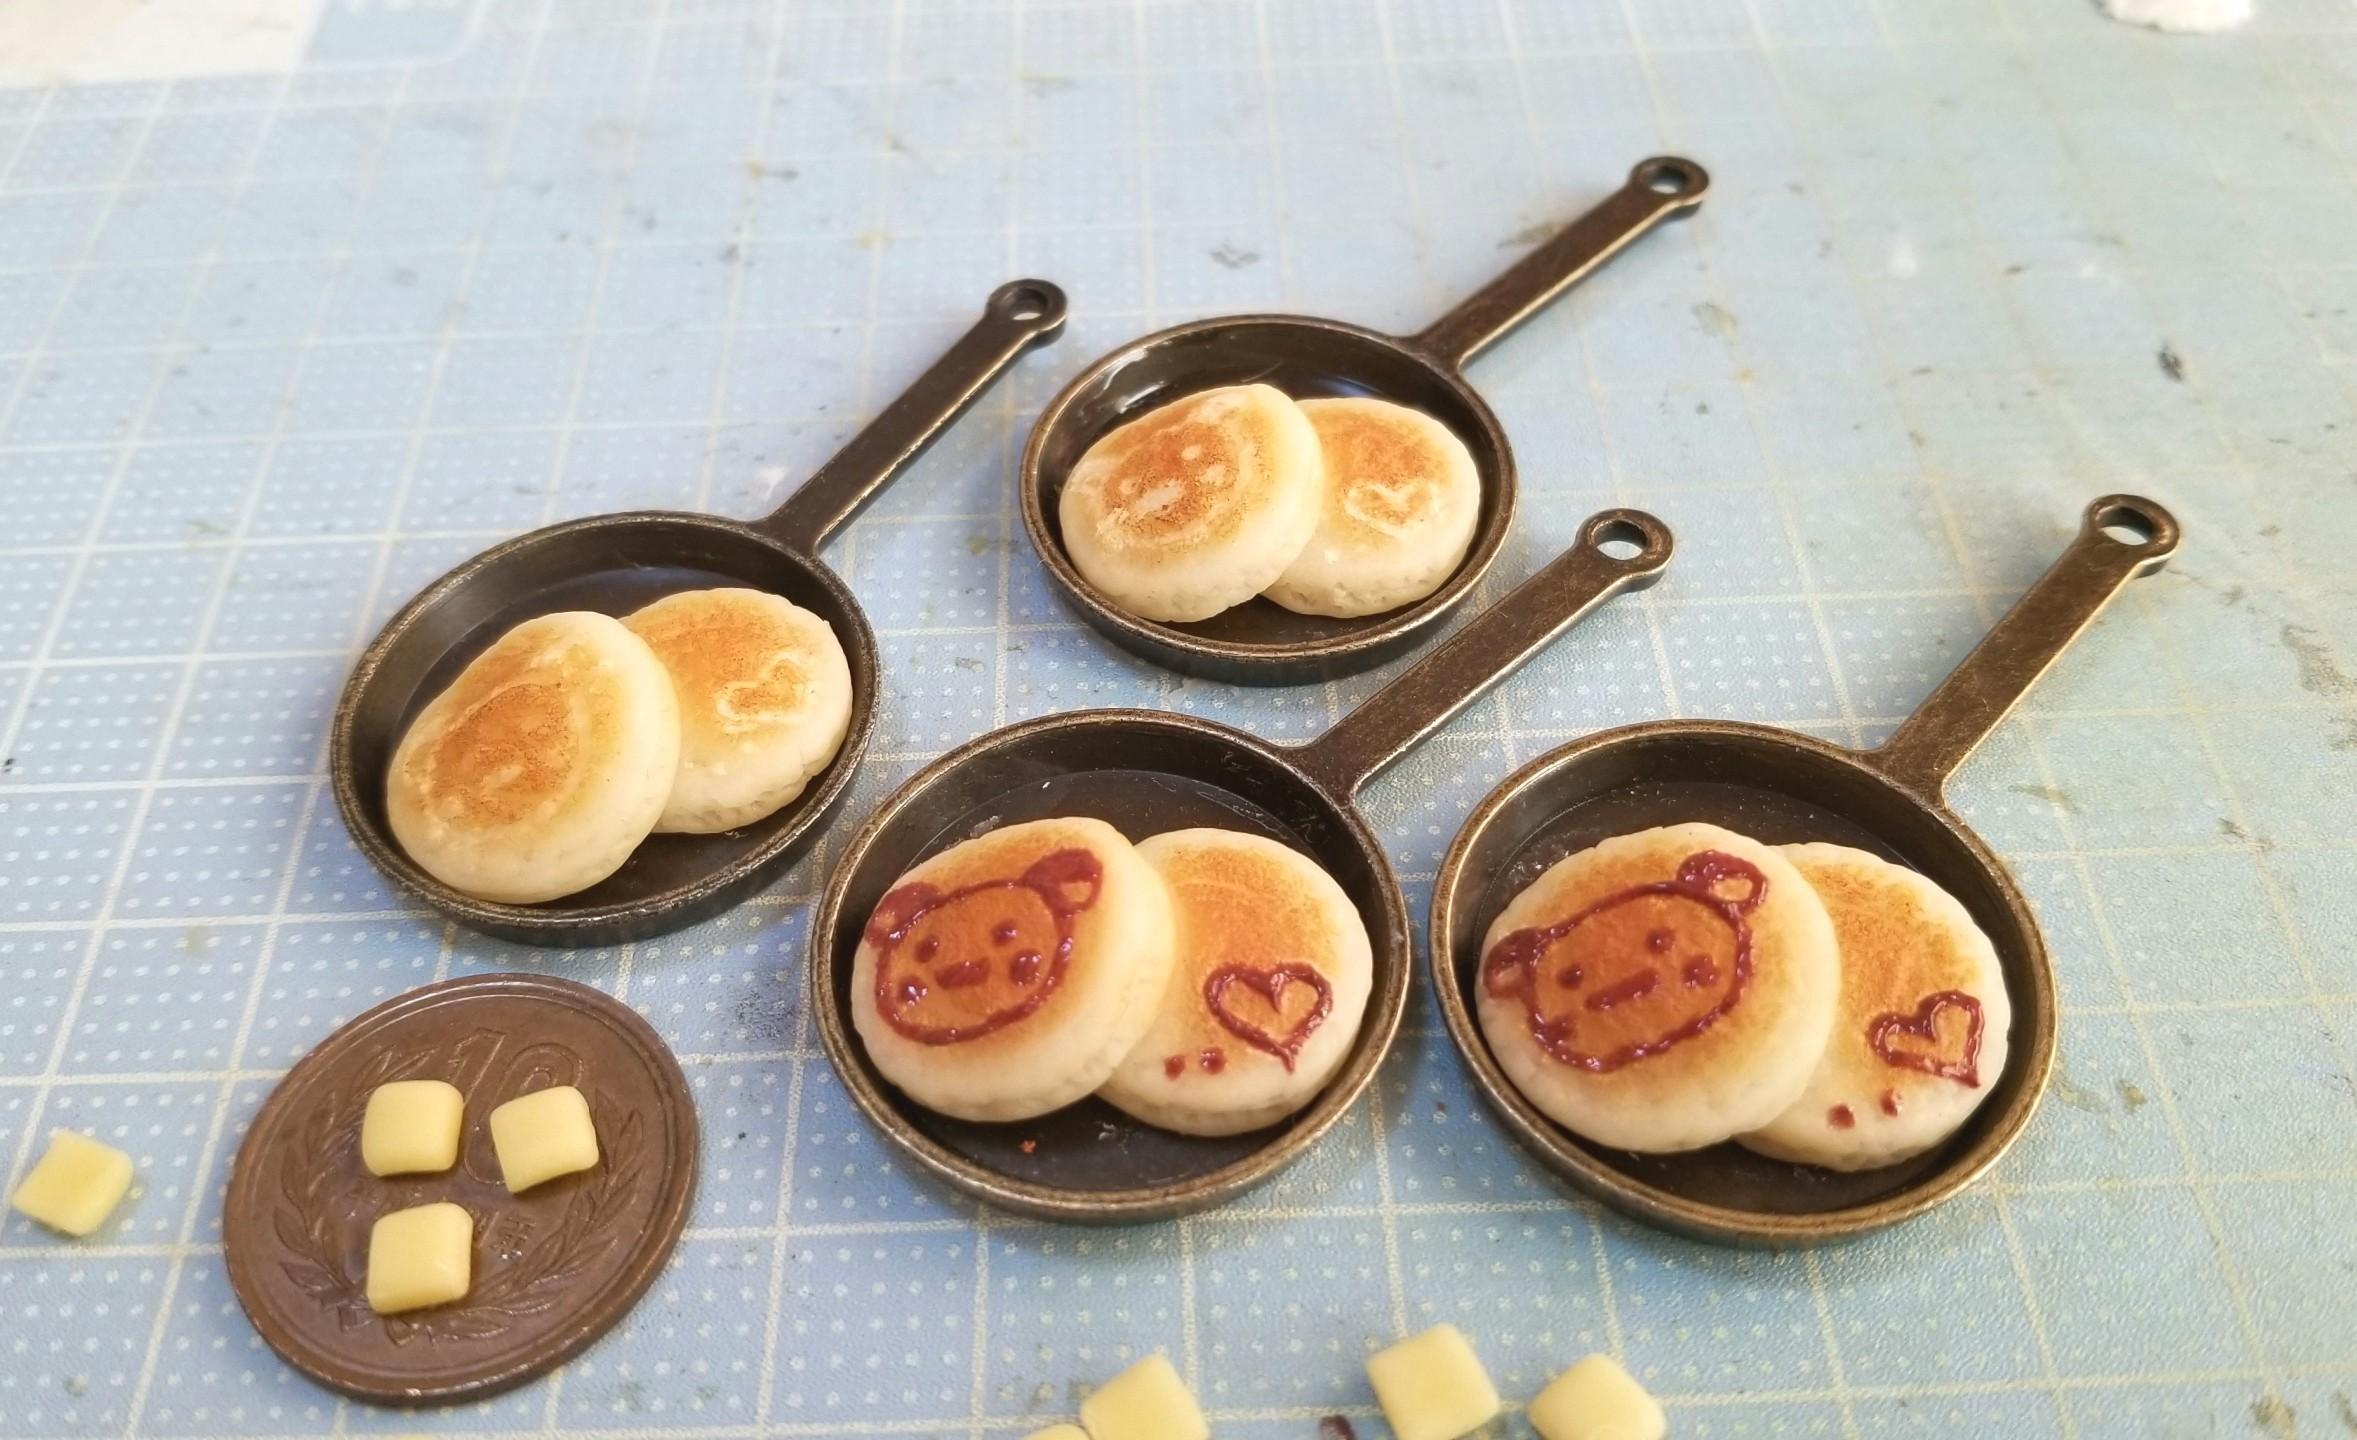 ミニチュアフード,ホットケーキの作り方,樹脂粘土,ハンドメイド